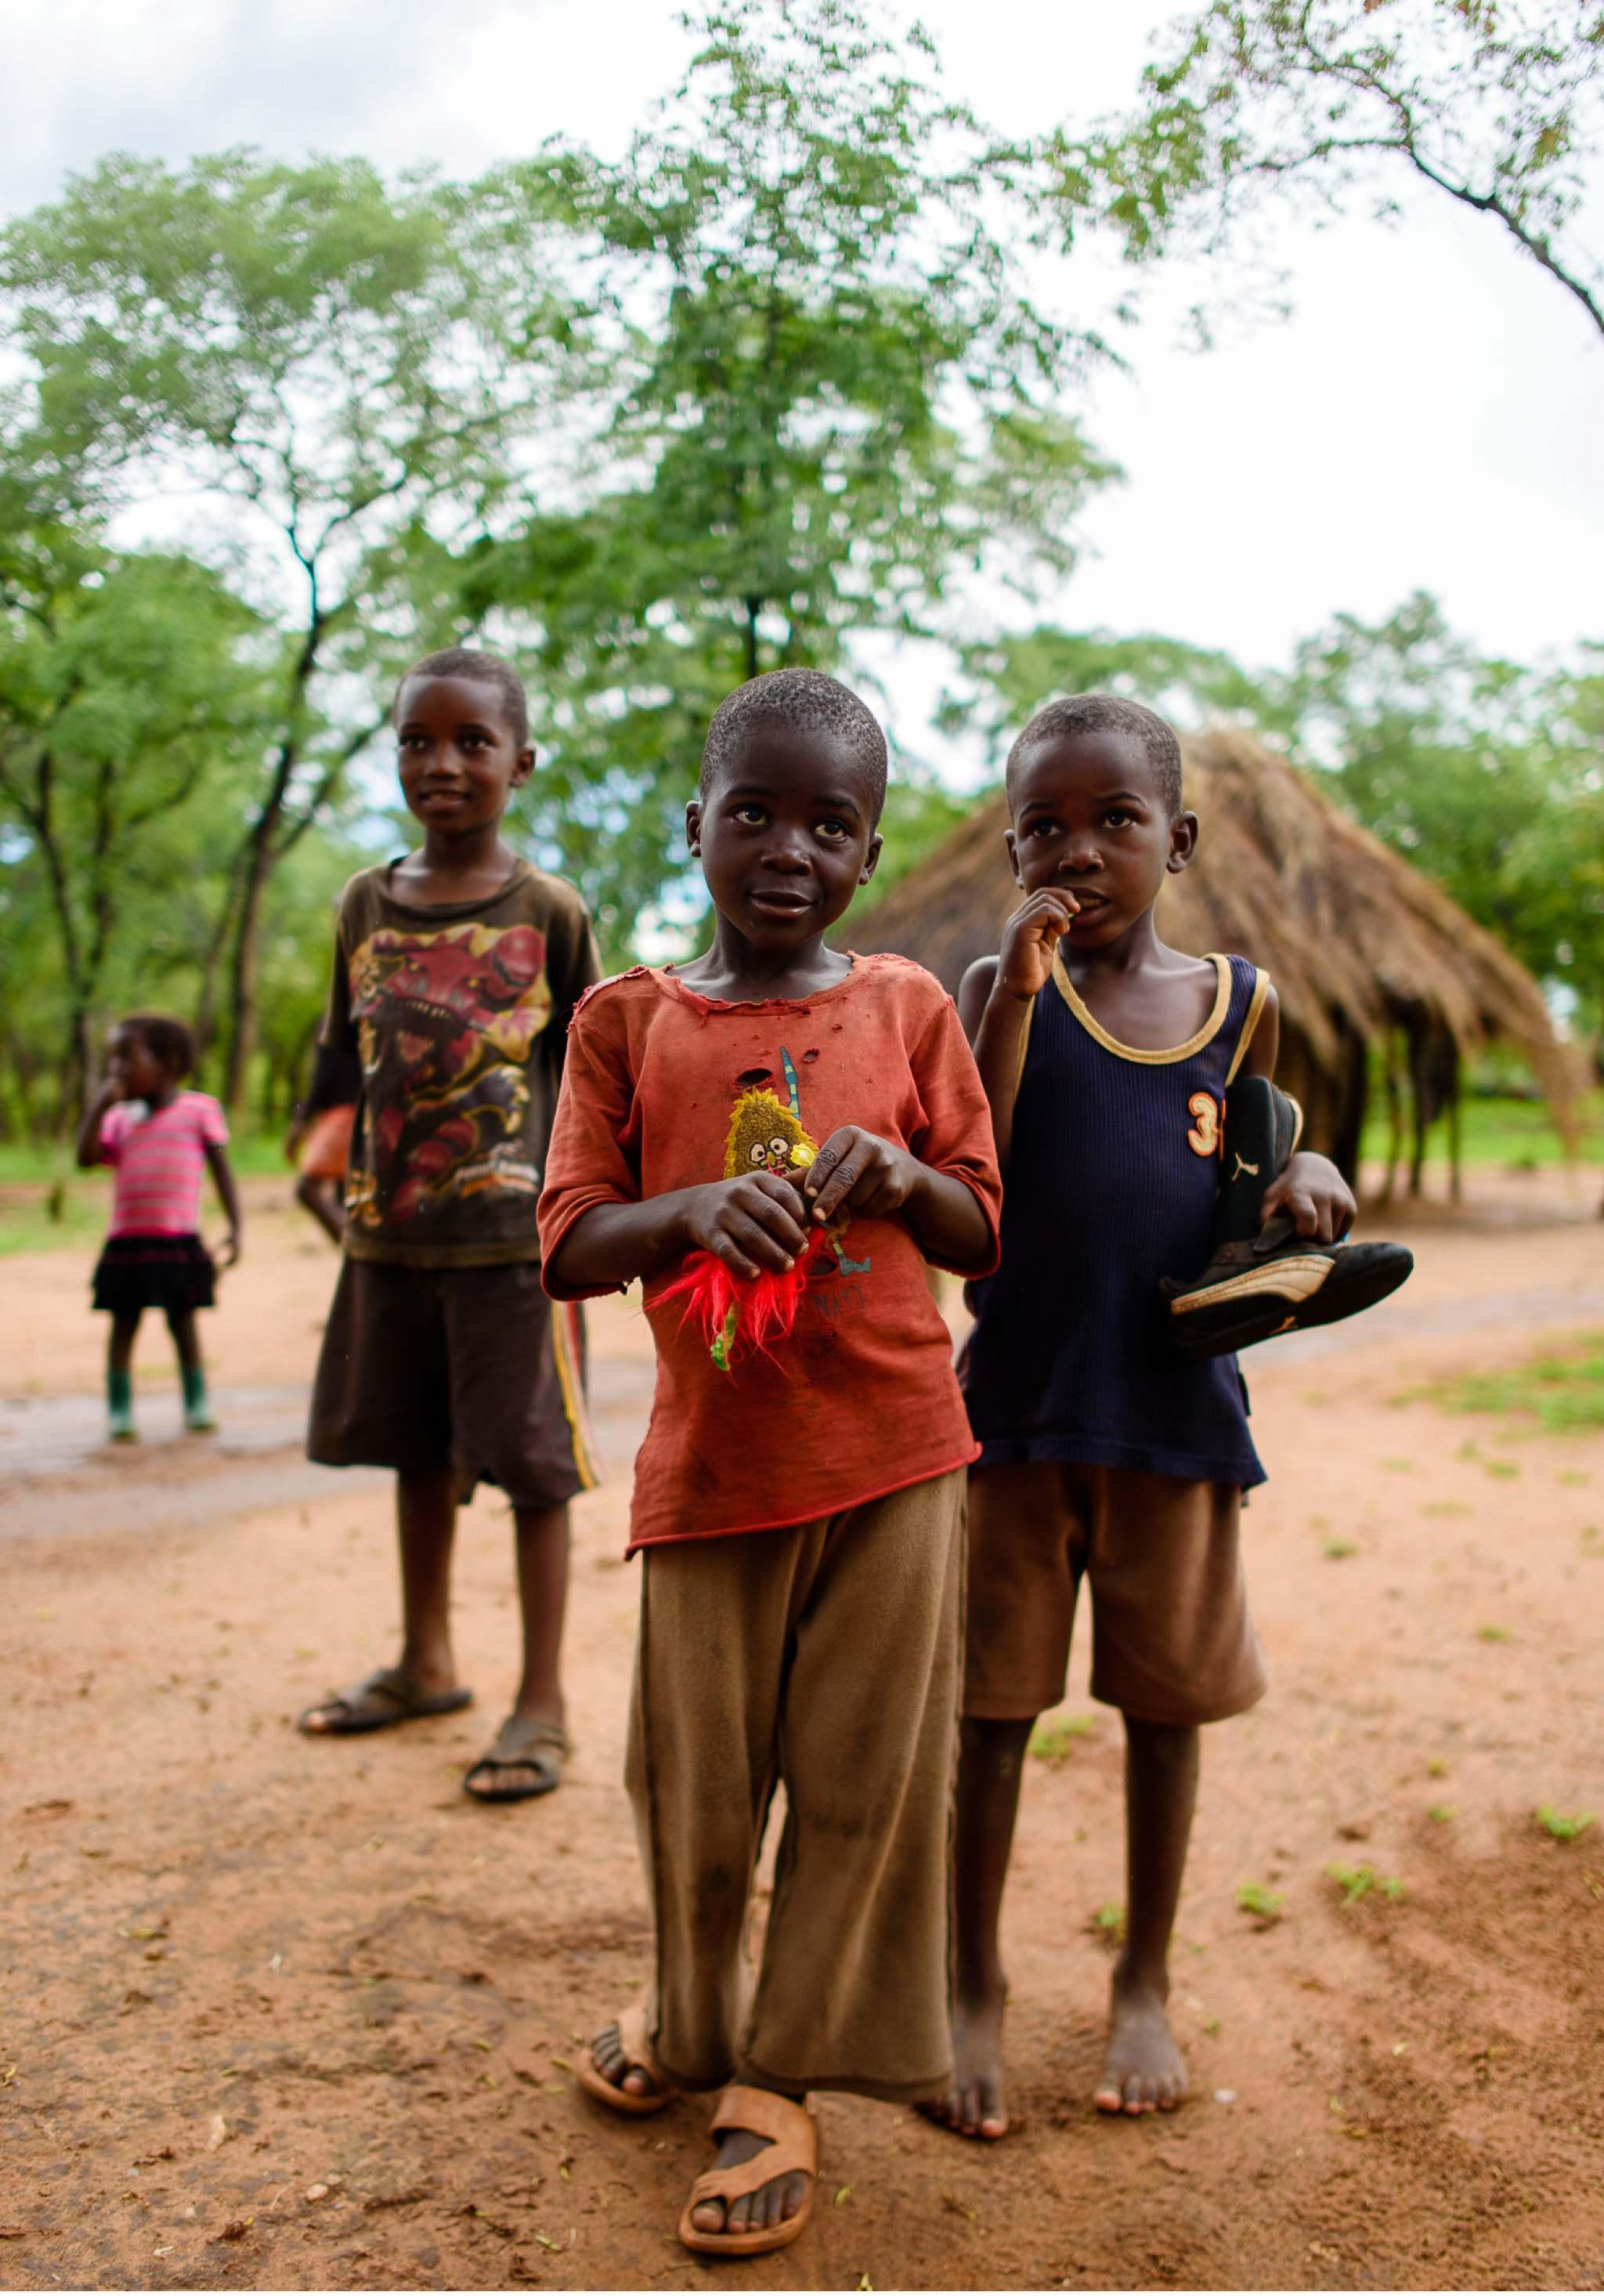 Vom South Luangwa in Zambia an den Malawi See - Marion und Daniel - Geschichten von unterwegs-14